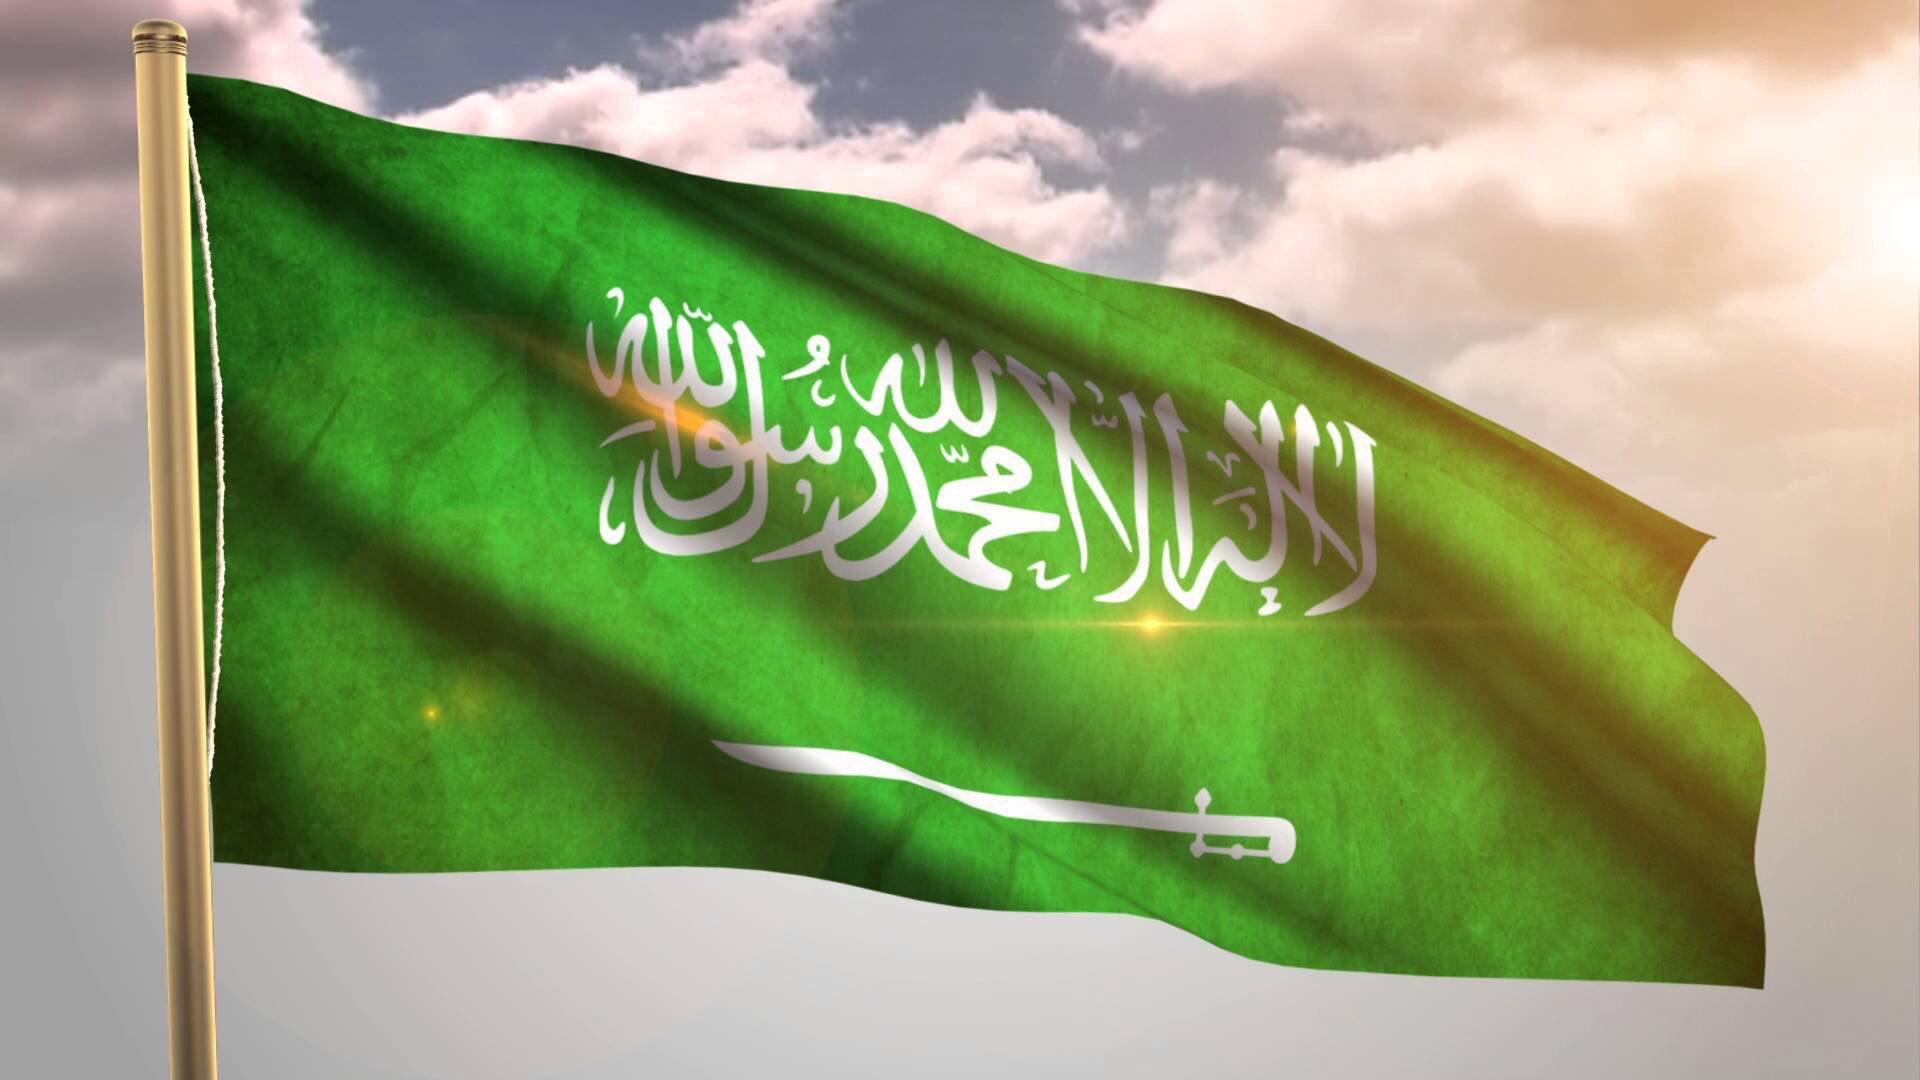 متى تأسست الدولة السعودية الأولى : تأسيس الدولة السعودية الاولى